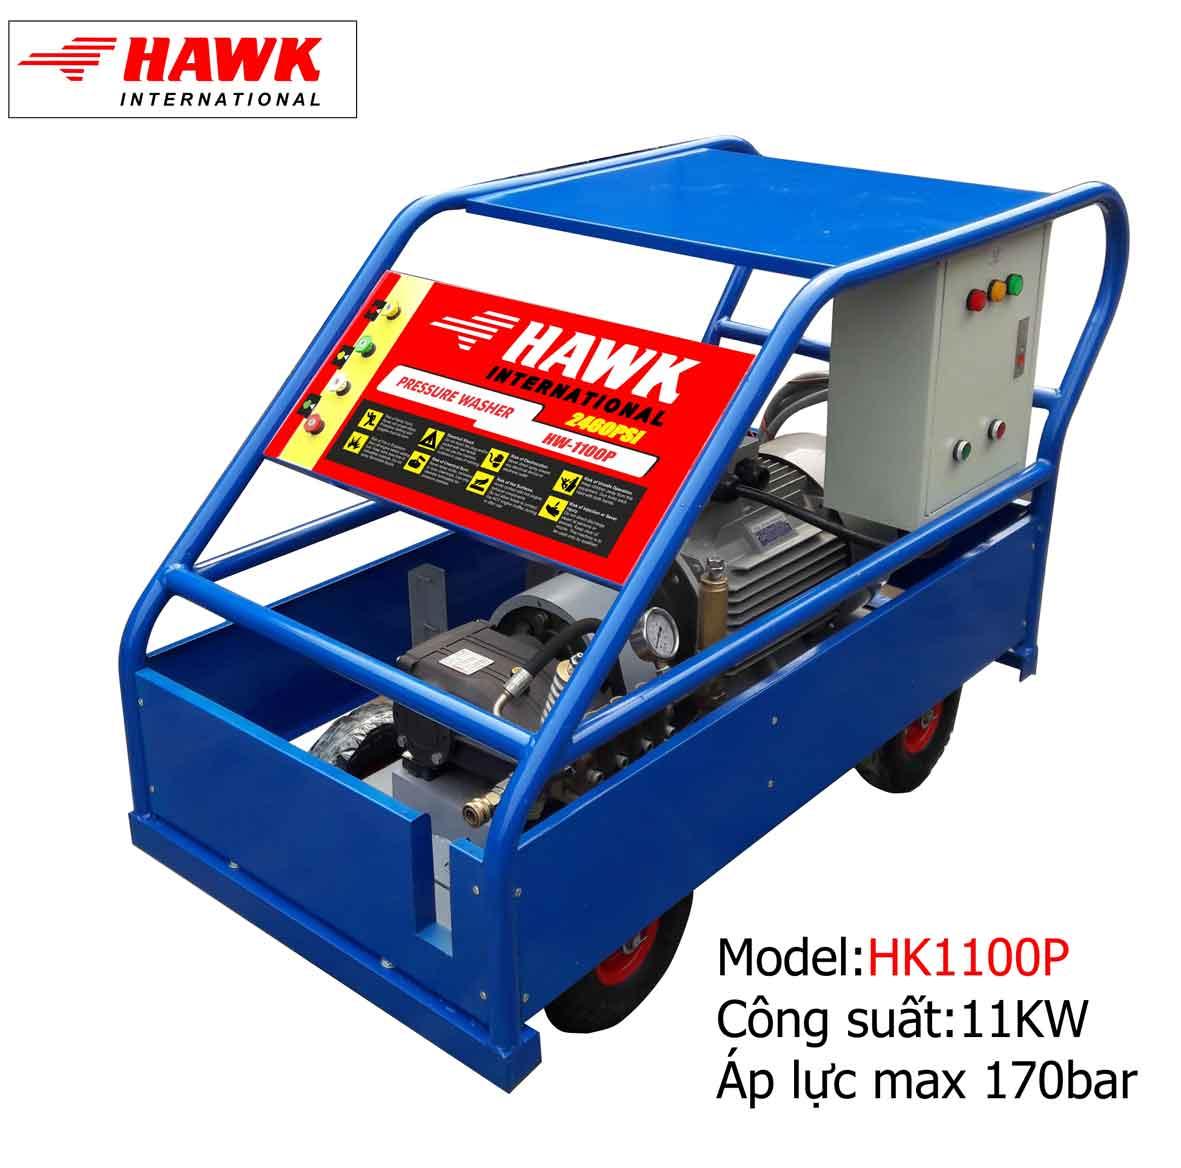 máy rửa siêu áp 11 KW ITALY, máy bơm rửa công nghiệp 11KW, máy phun rửa công nghiệp 11KW